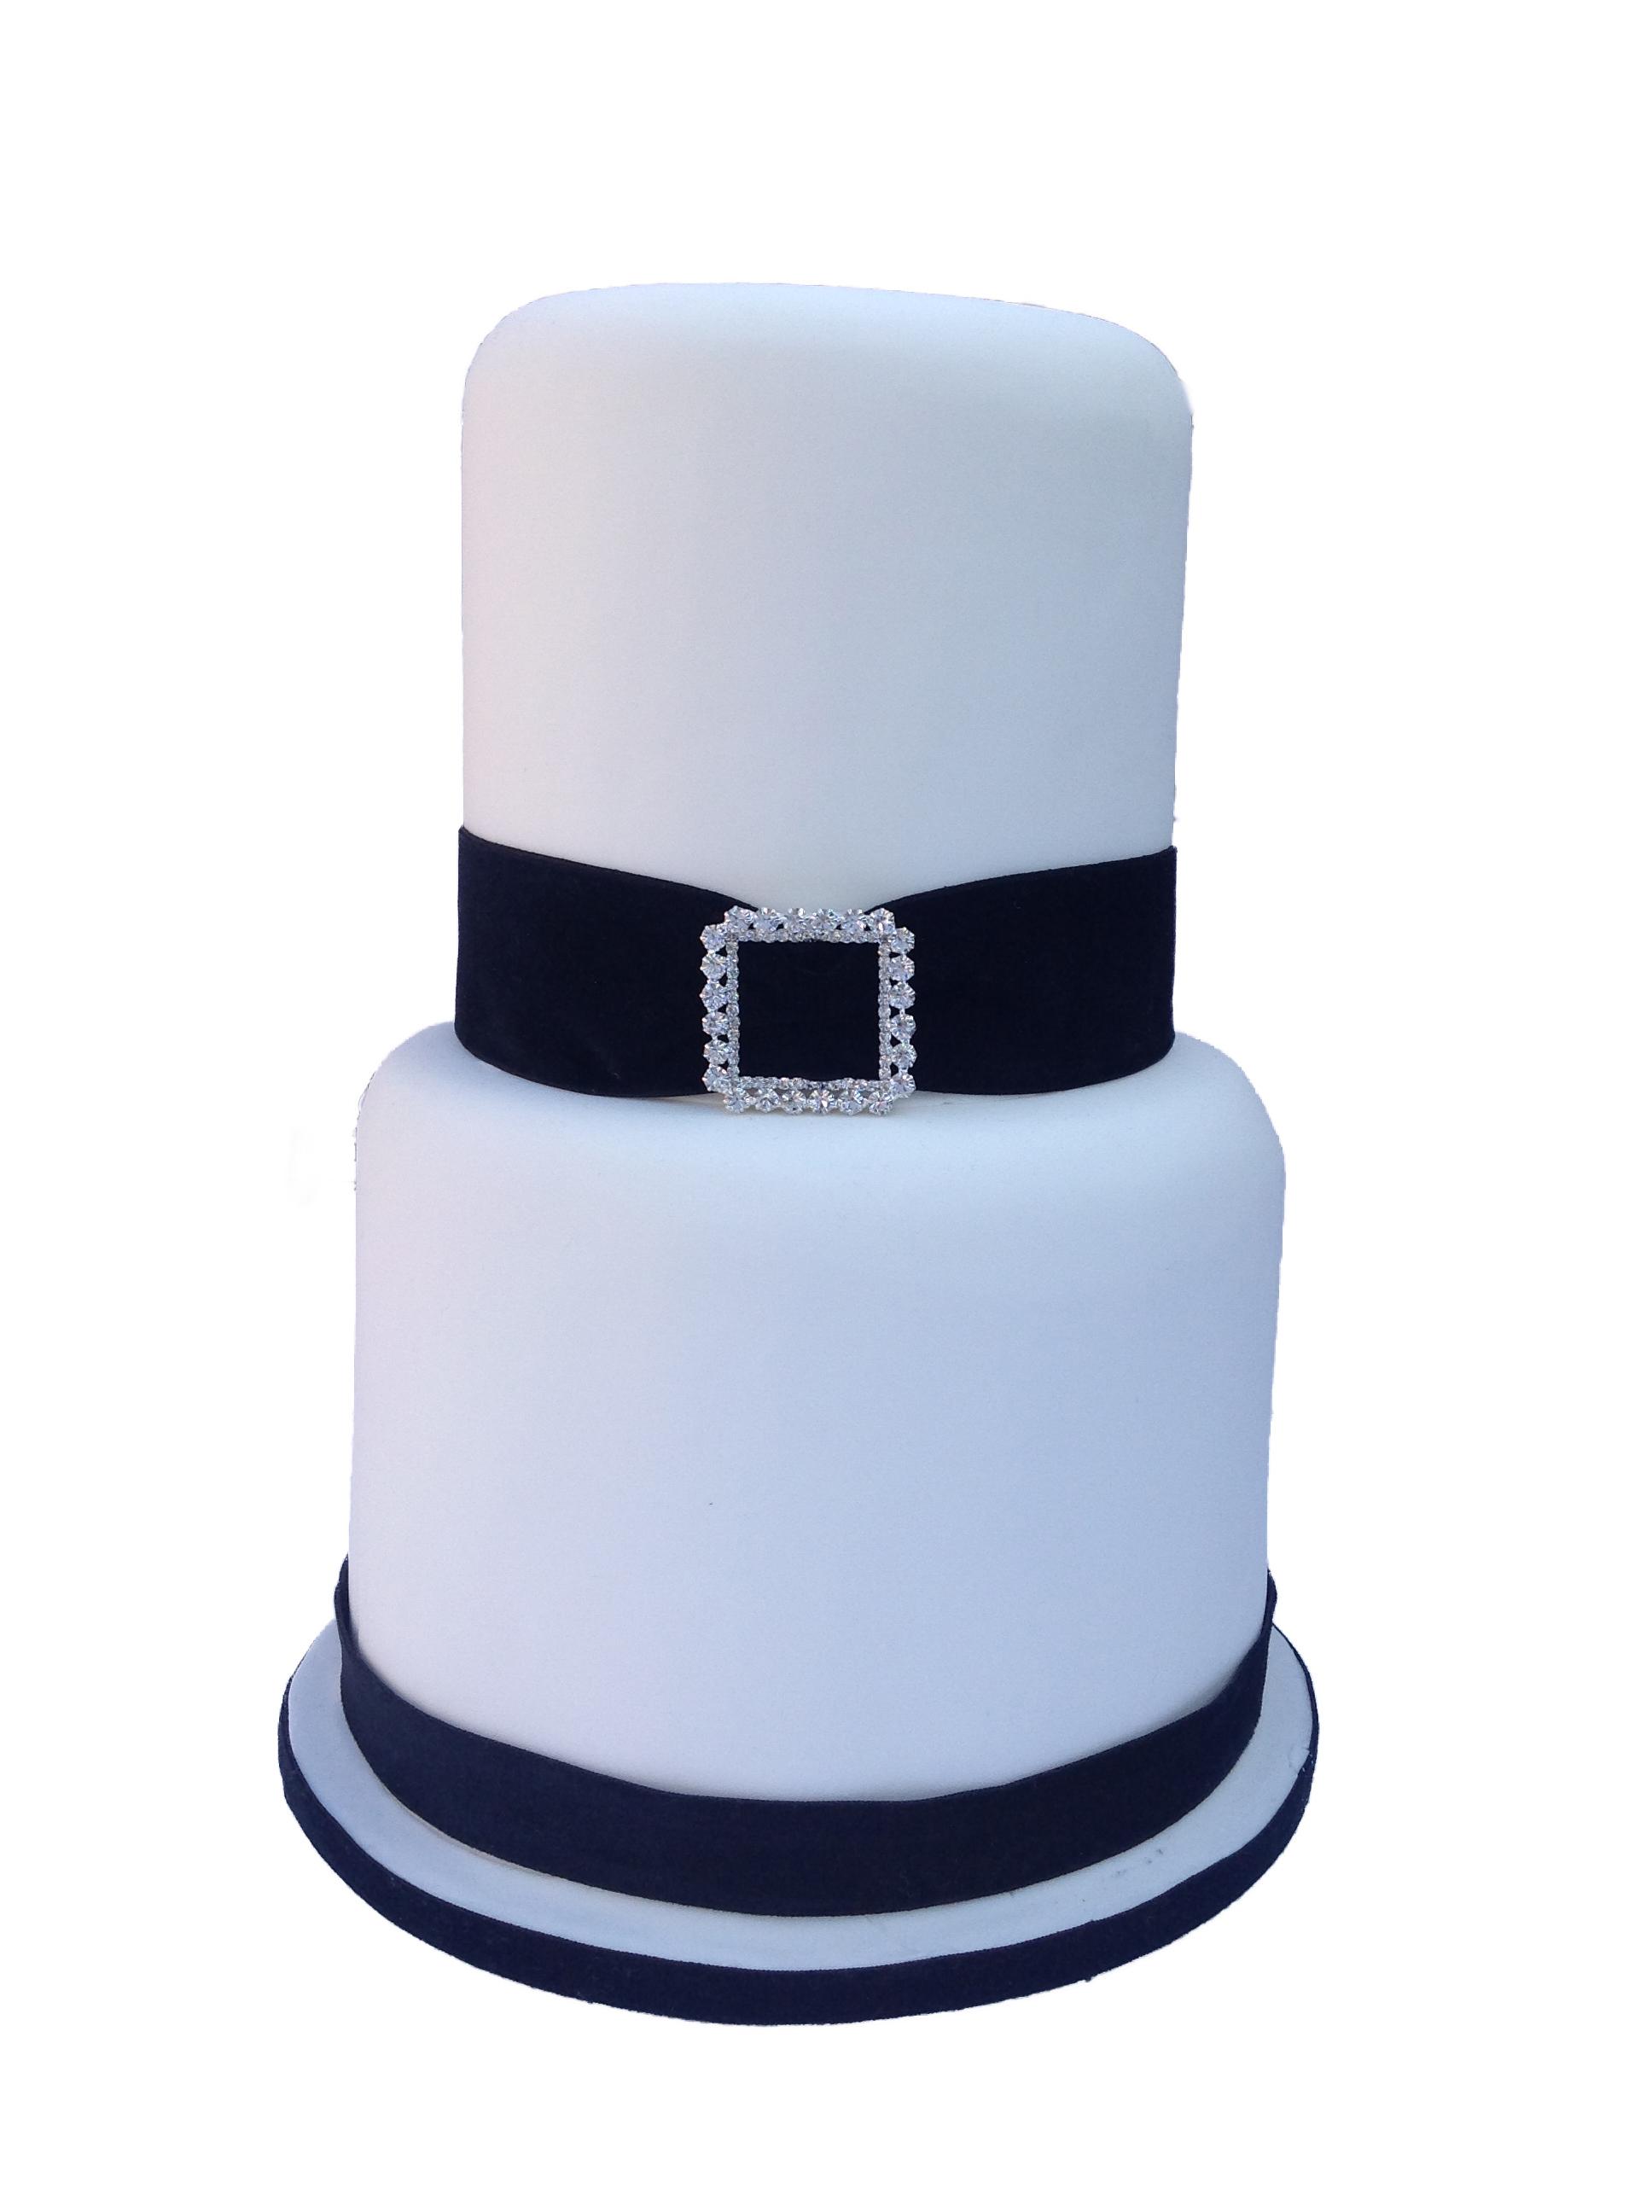 Velvet Band Cake